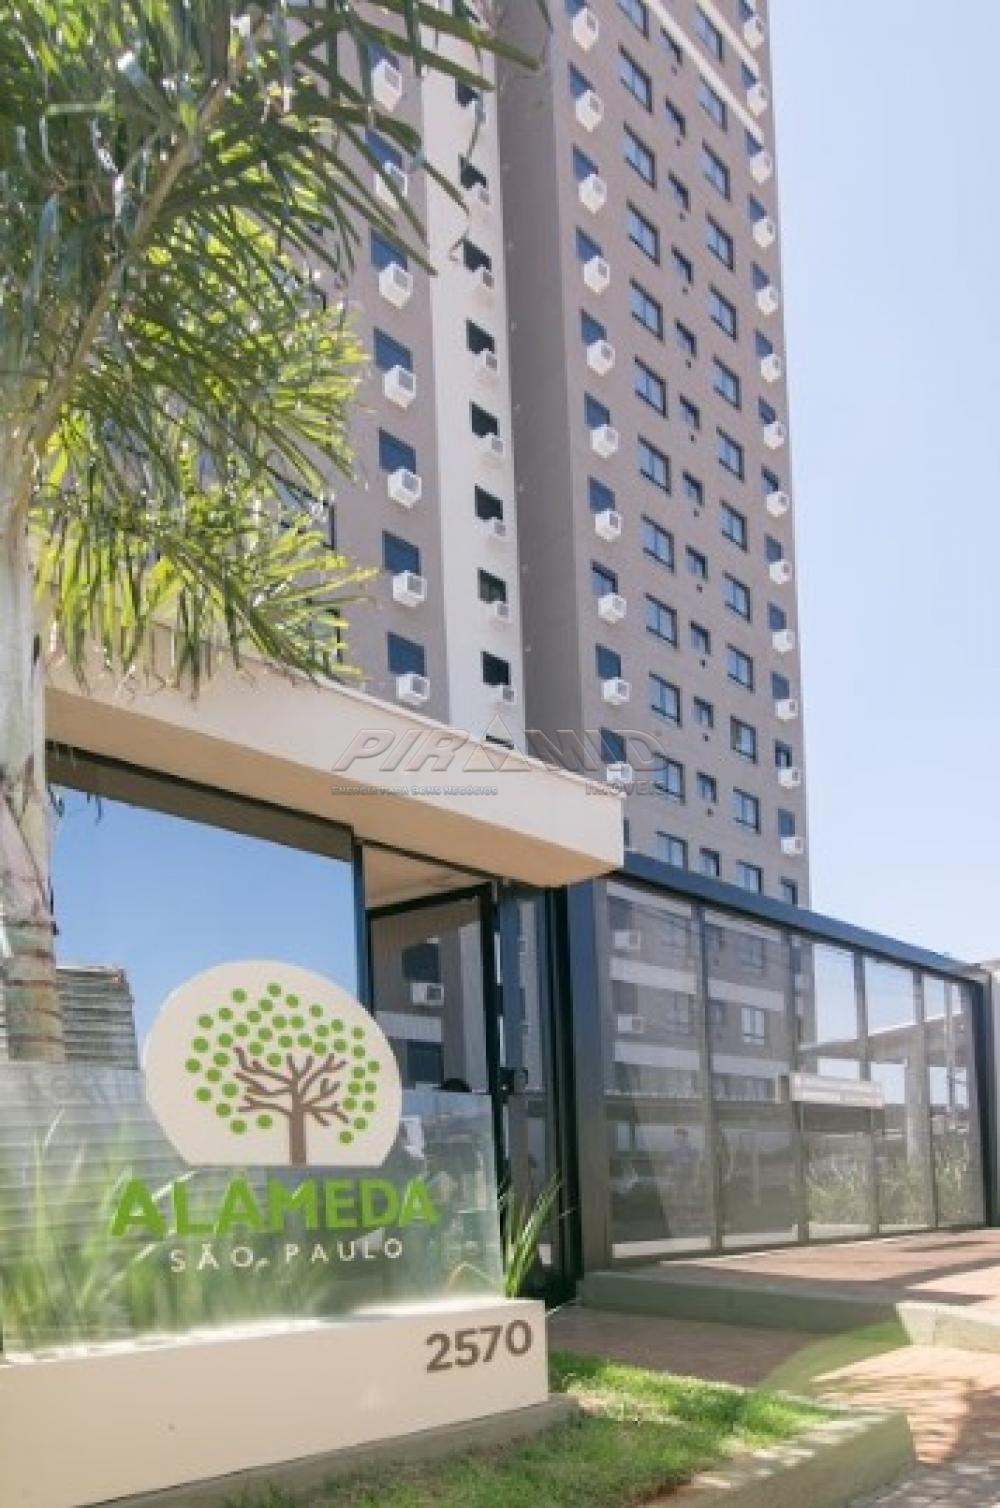 Comprar Apartamento / Padrão em Ribeirão Preto apenas R$ 203.320,00 - Foto 21